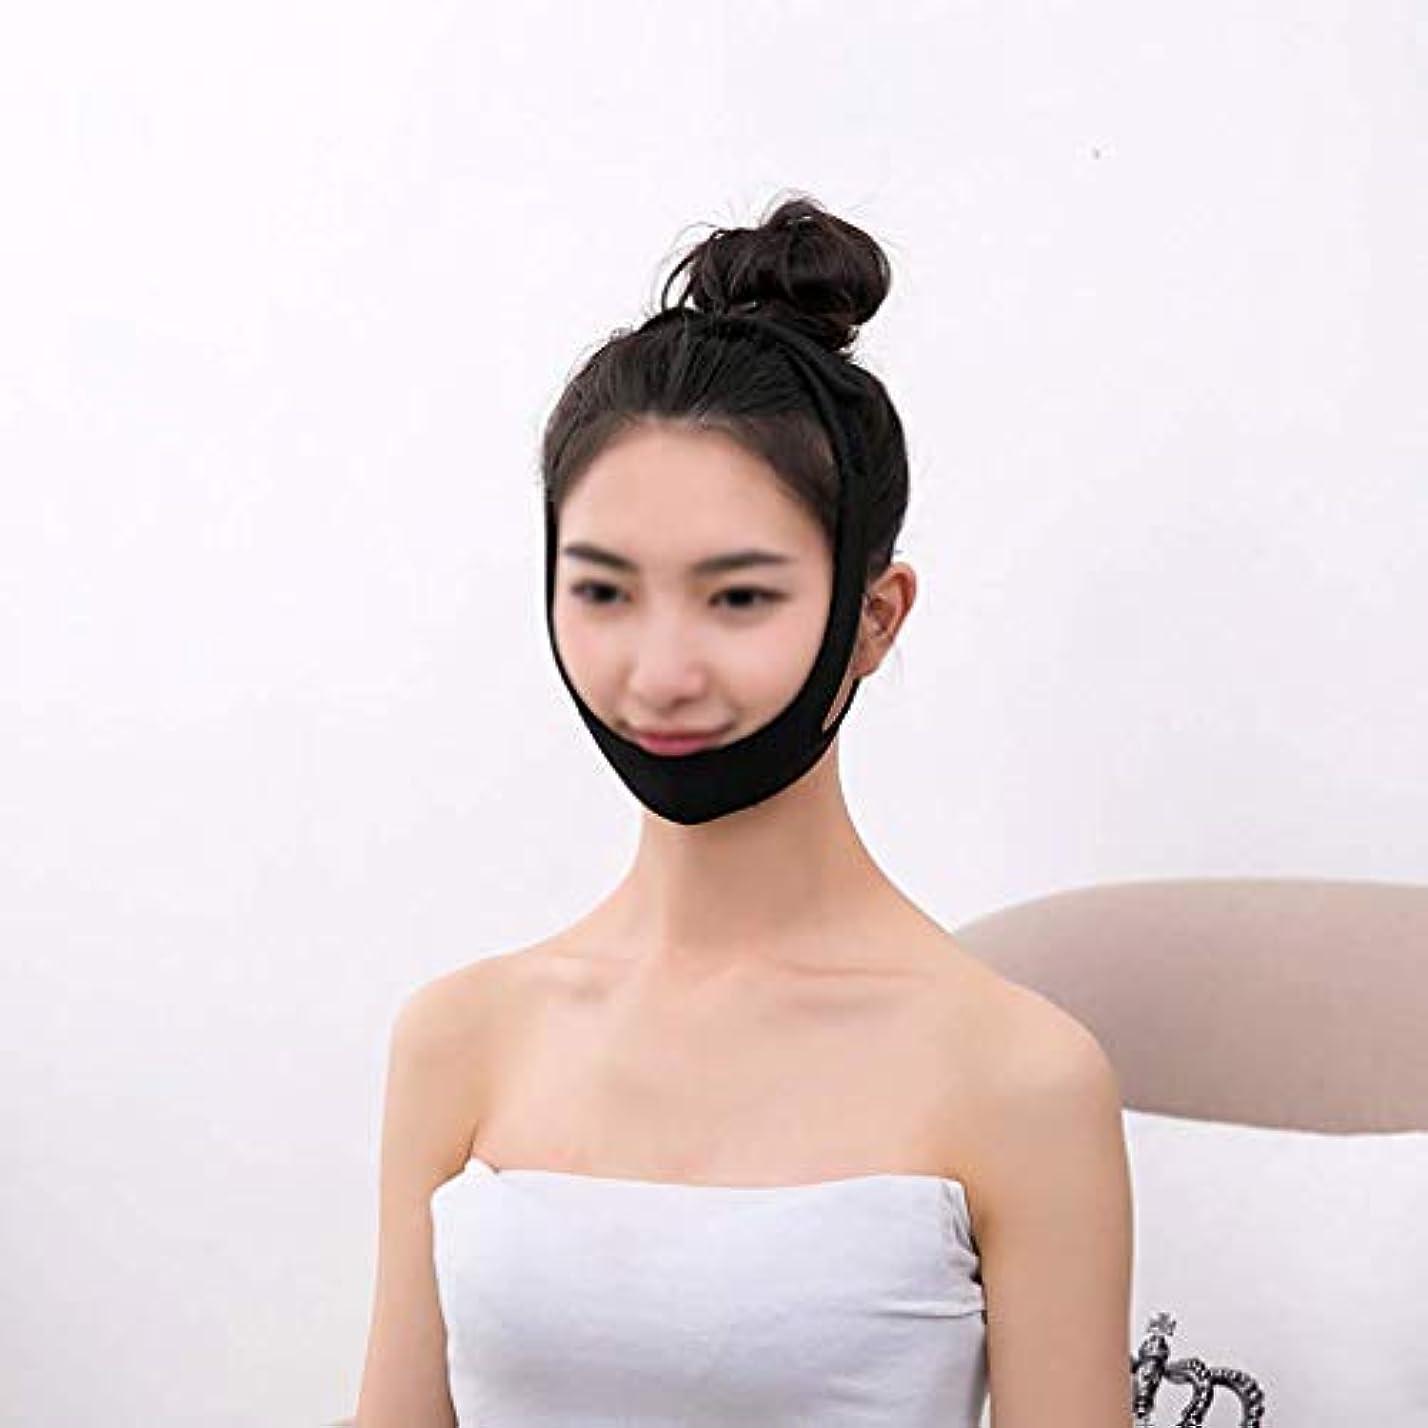 高齢者動機付ける未満HUYYA フェイスリフティング包帯、ダブルチンヘルスケア V字ベルト補正ベルト 女性の顔を持ち上げるベルト,Black_Medium